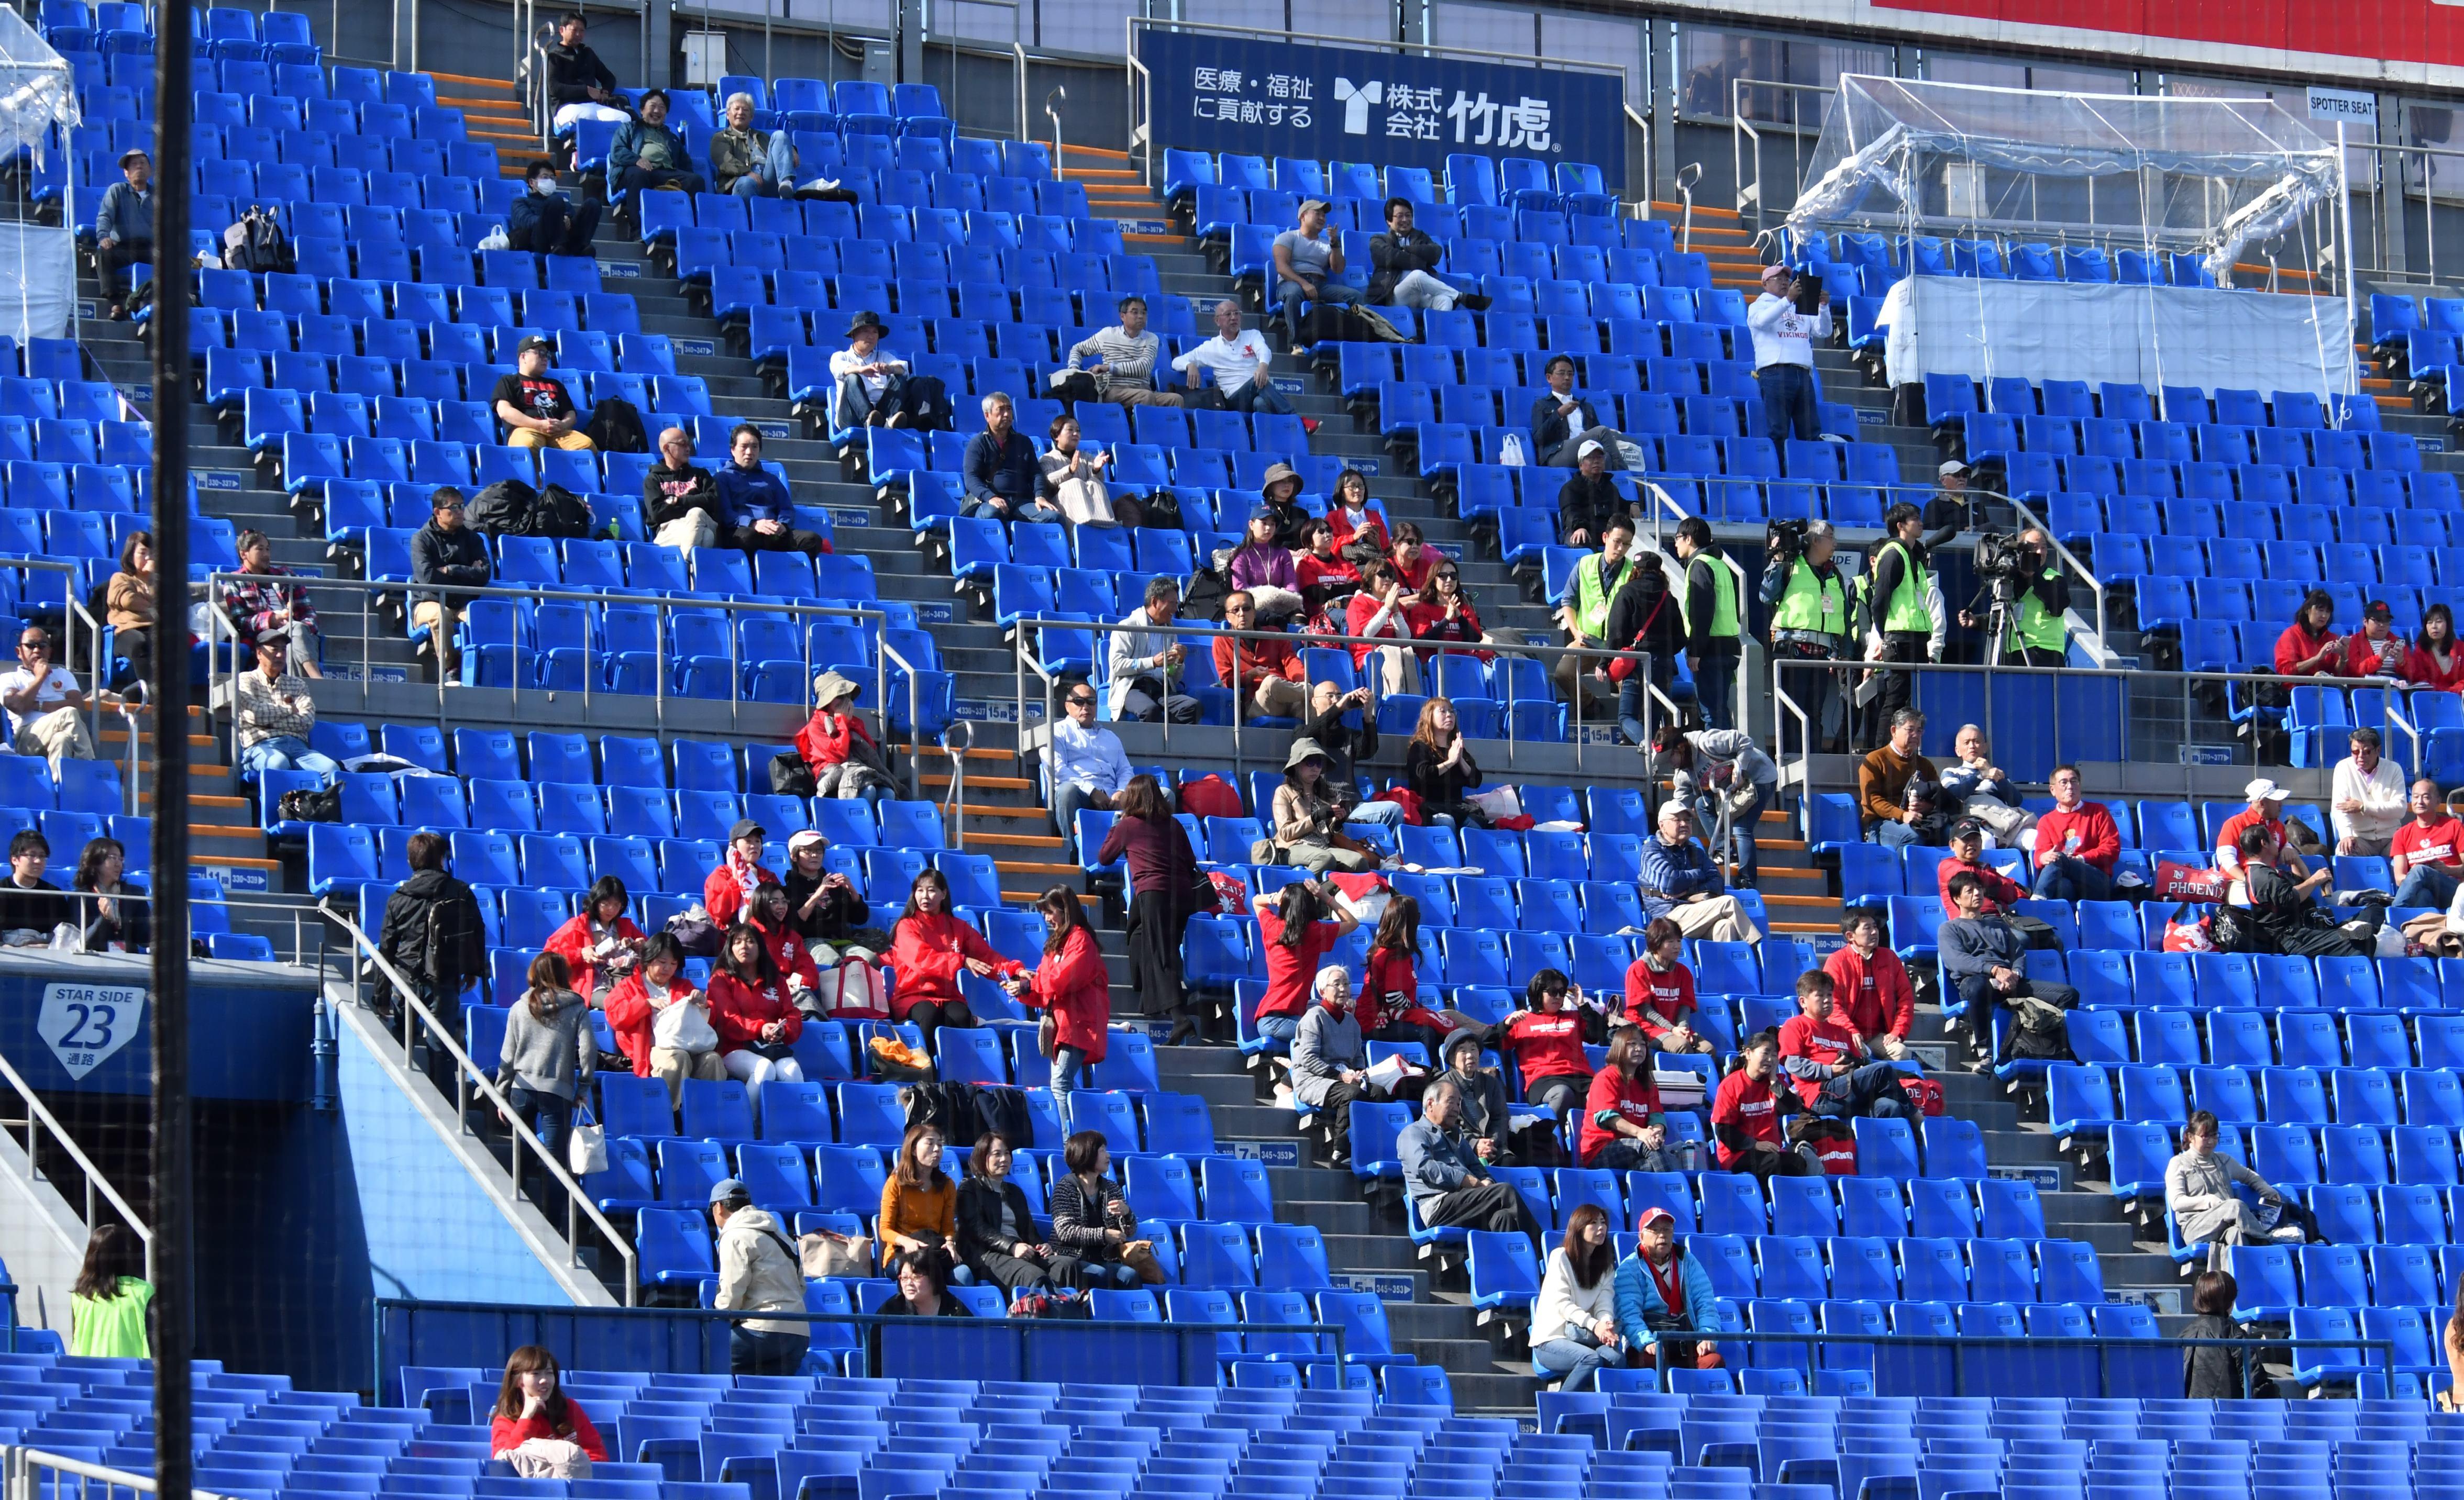 社会人合同チームとの練習試合を見守る日大の保護者たち=11月17日・横浜スタジアム